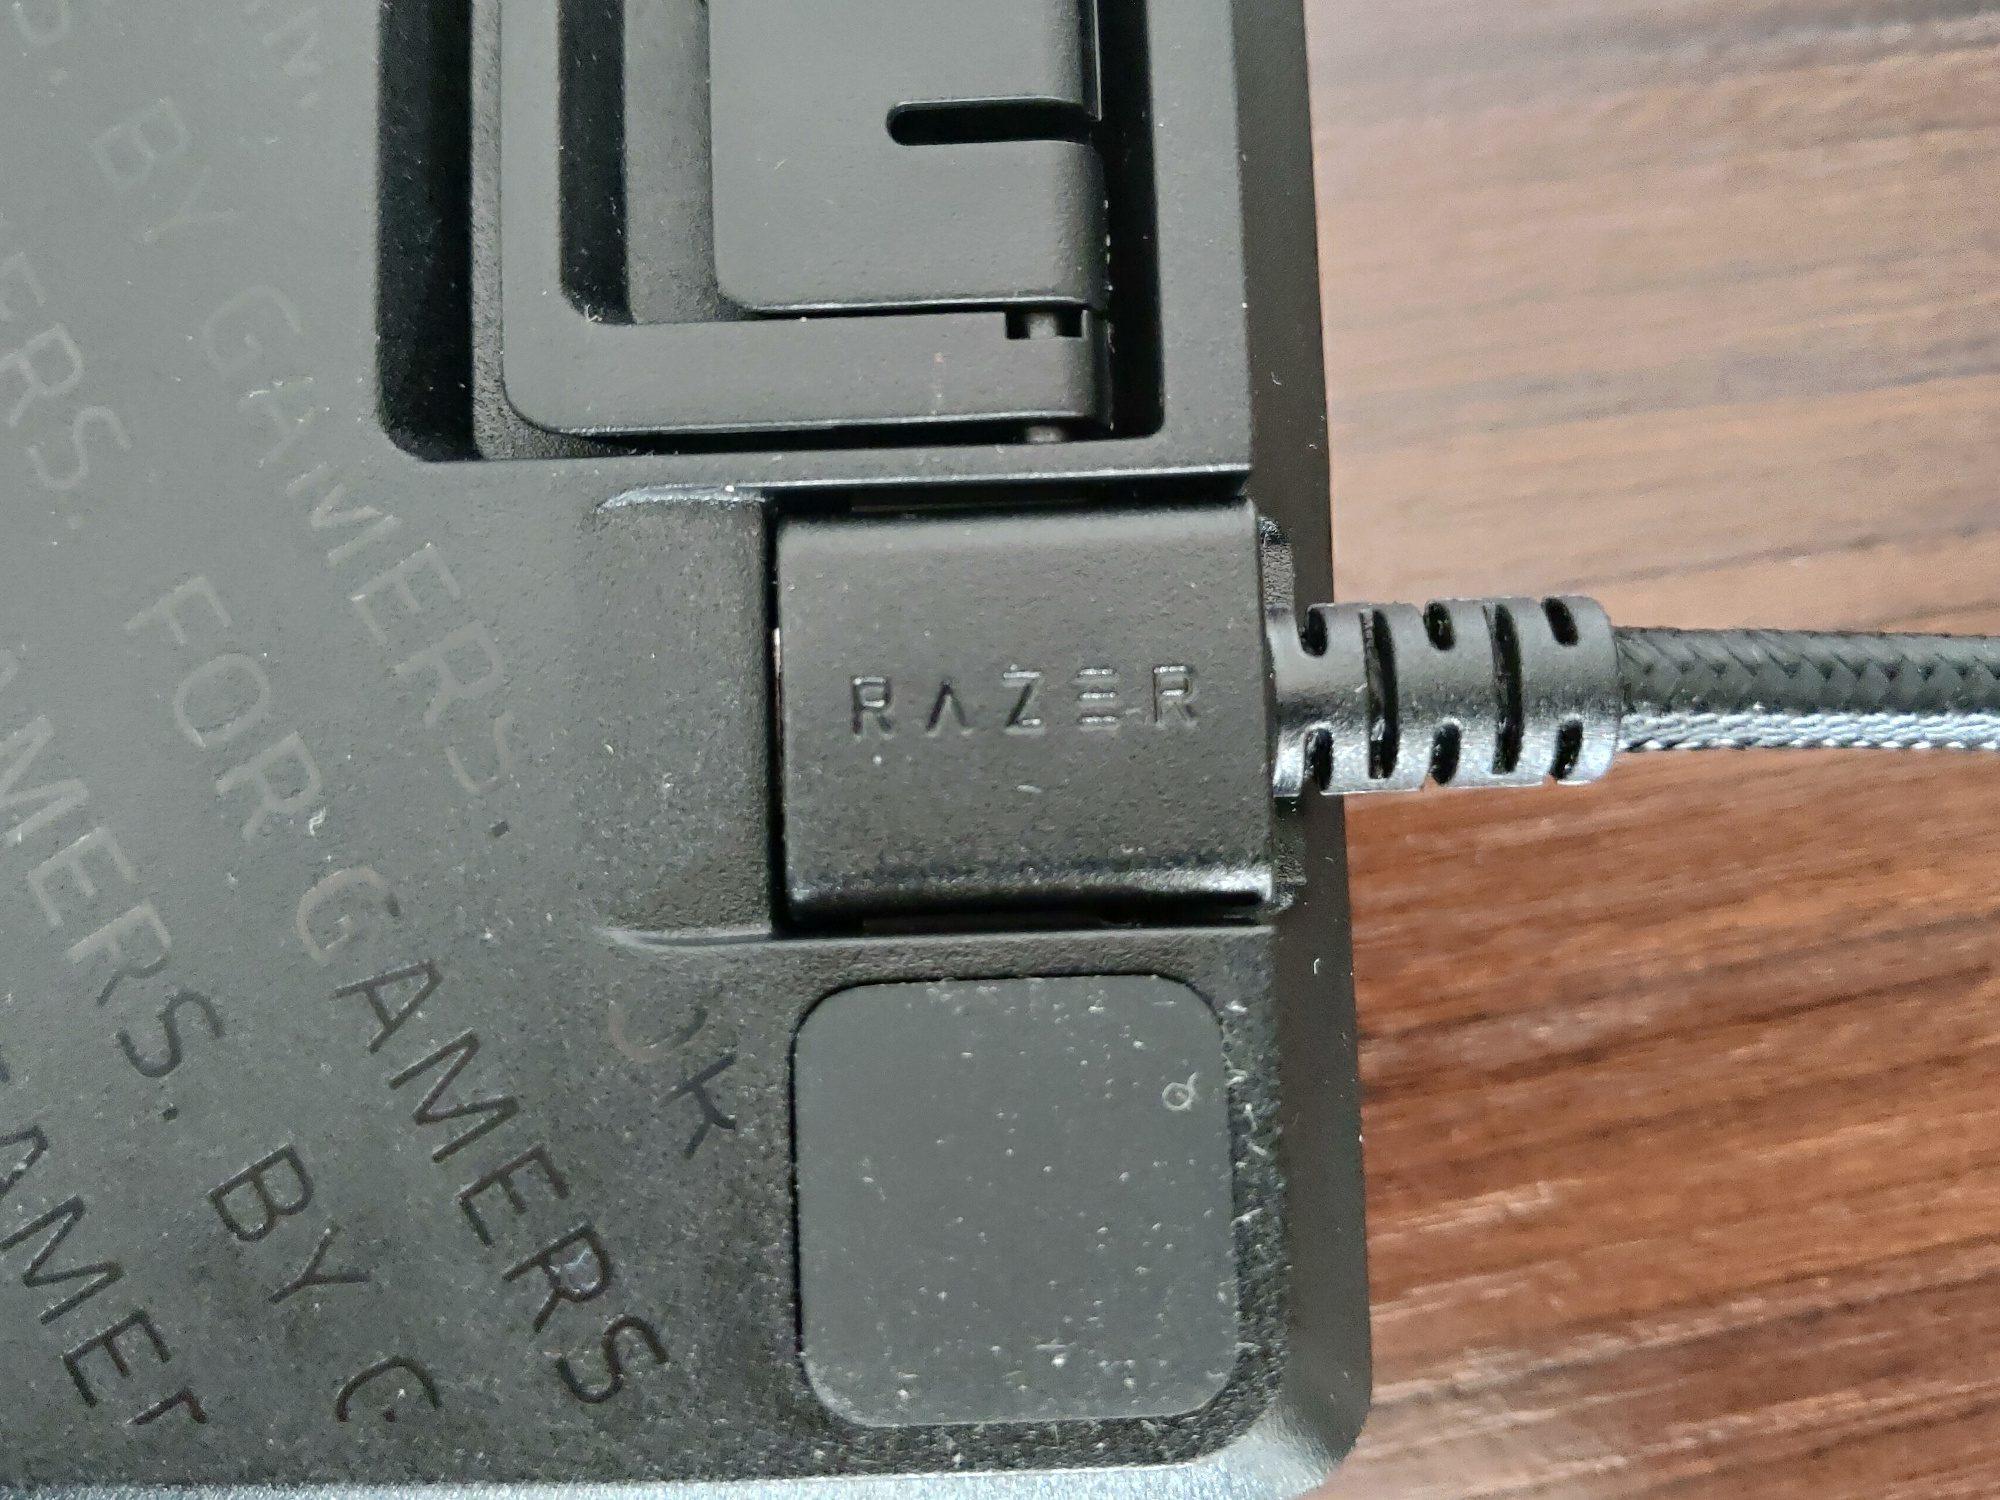 Razer Huntsman Tournament Edition standardowy przewód USB typu C